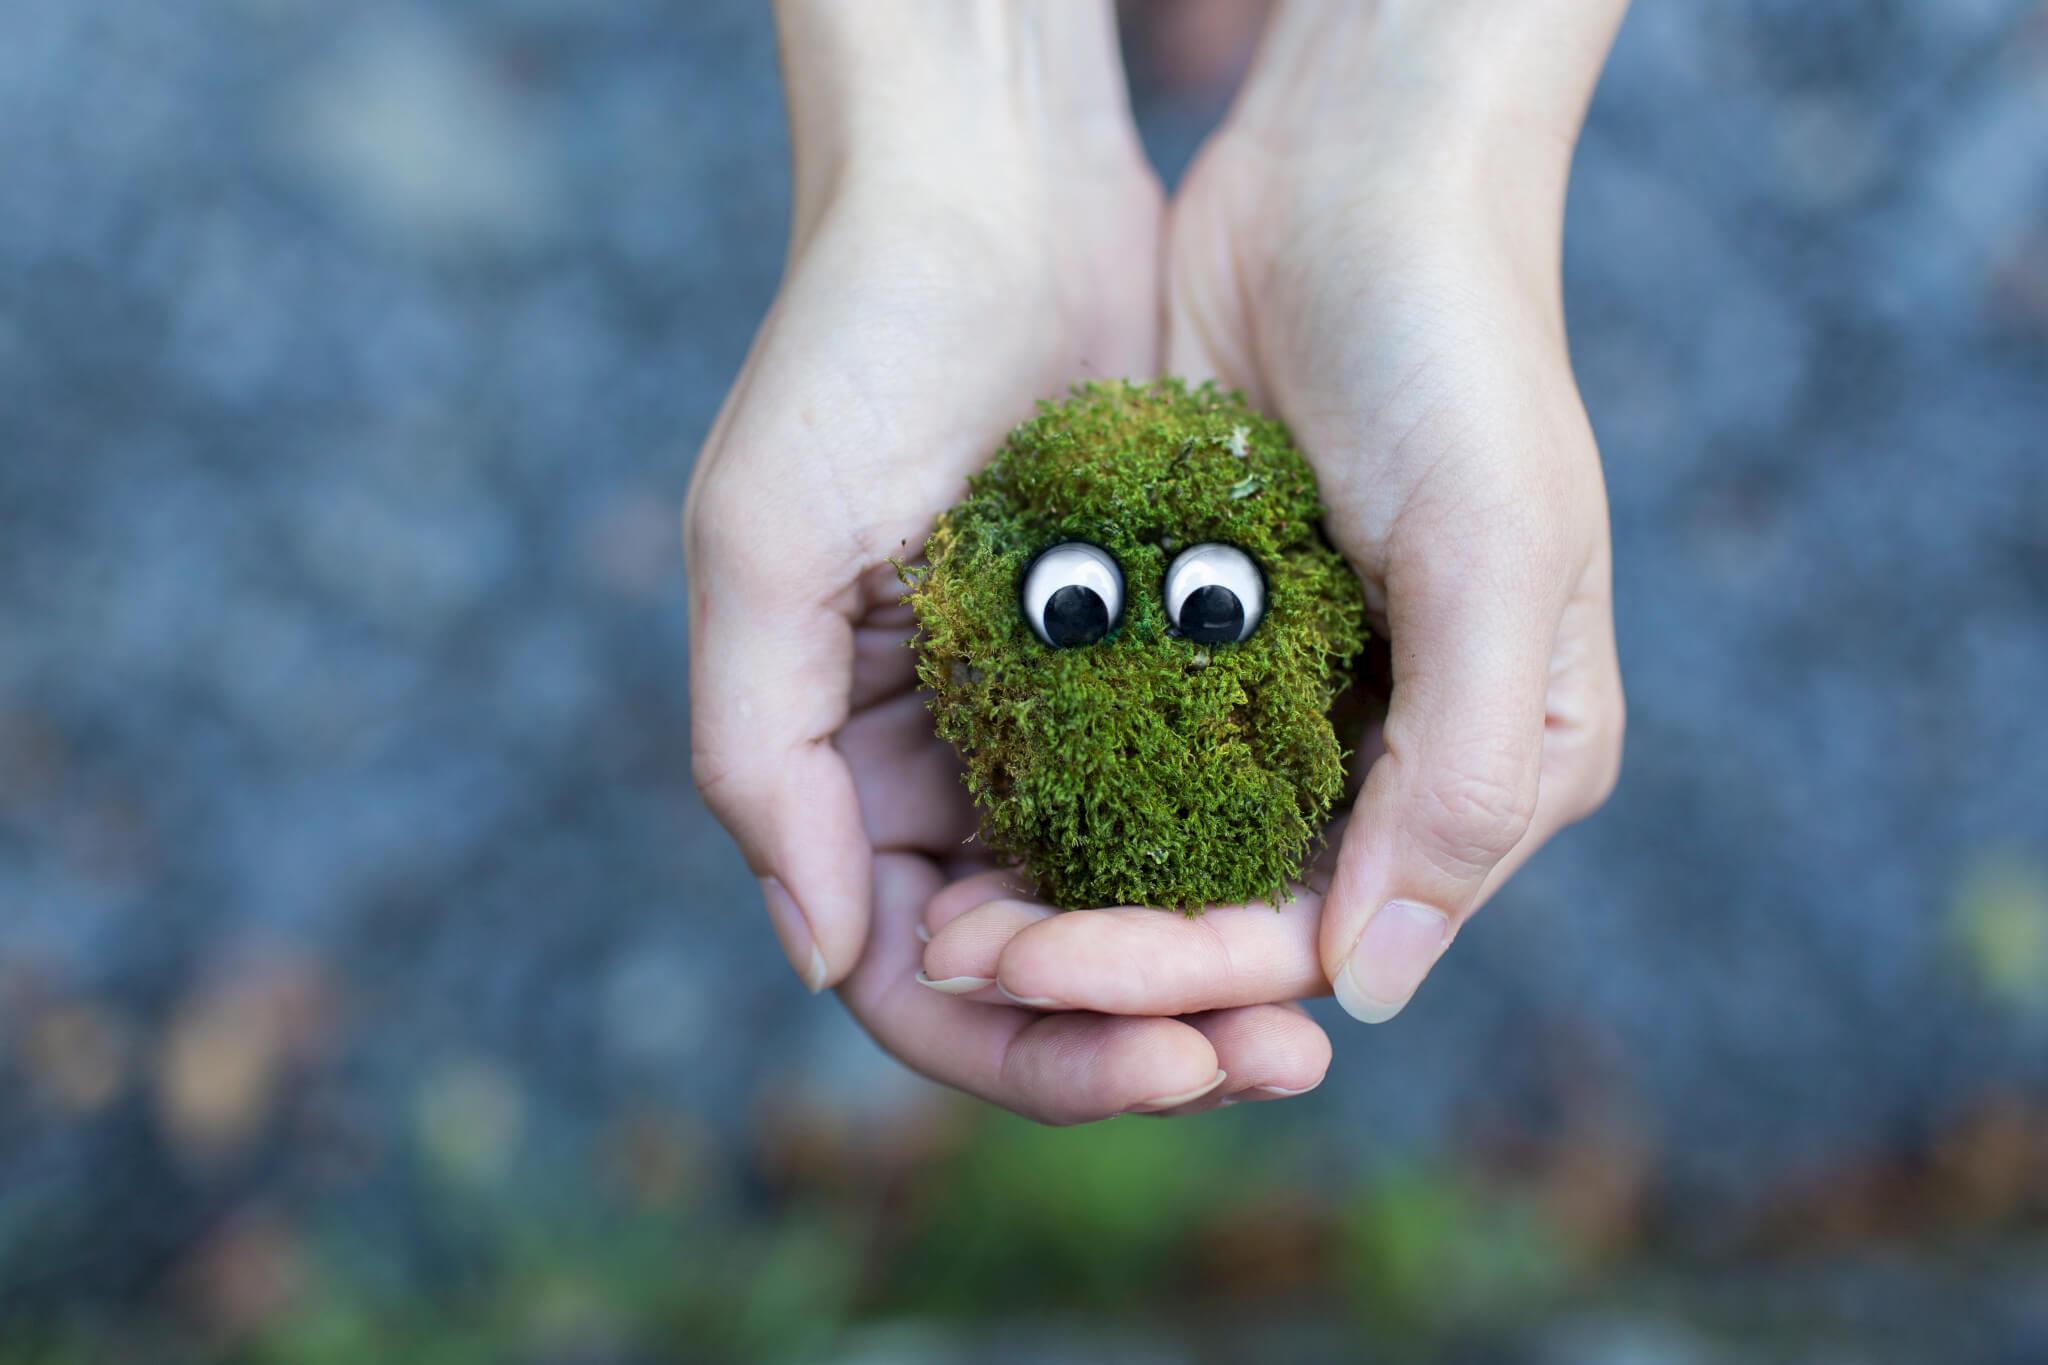 grünes filzbällchen festhalten vertrauen